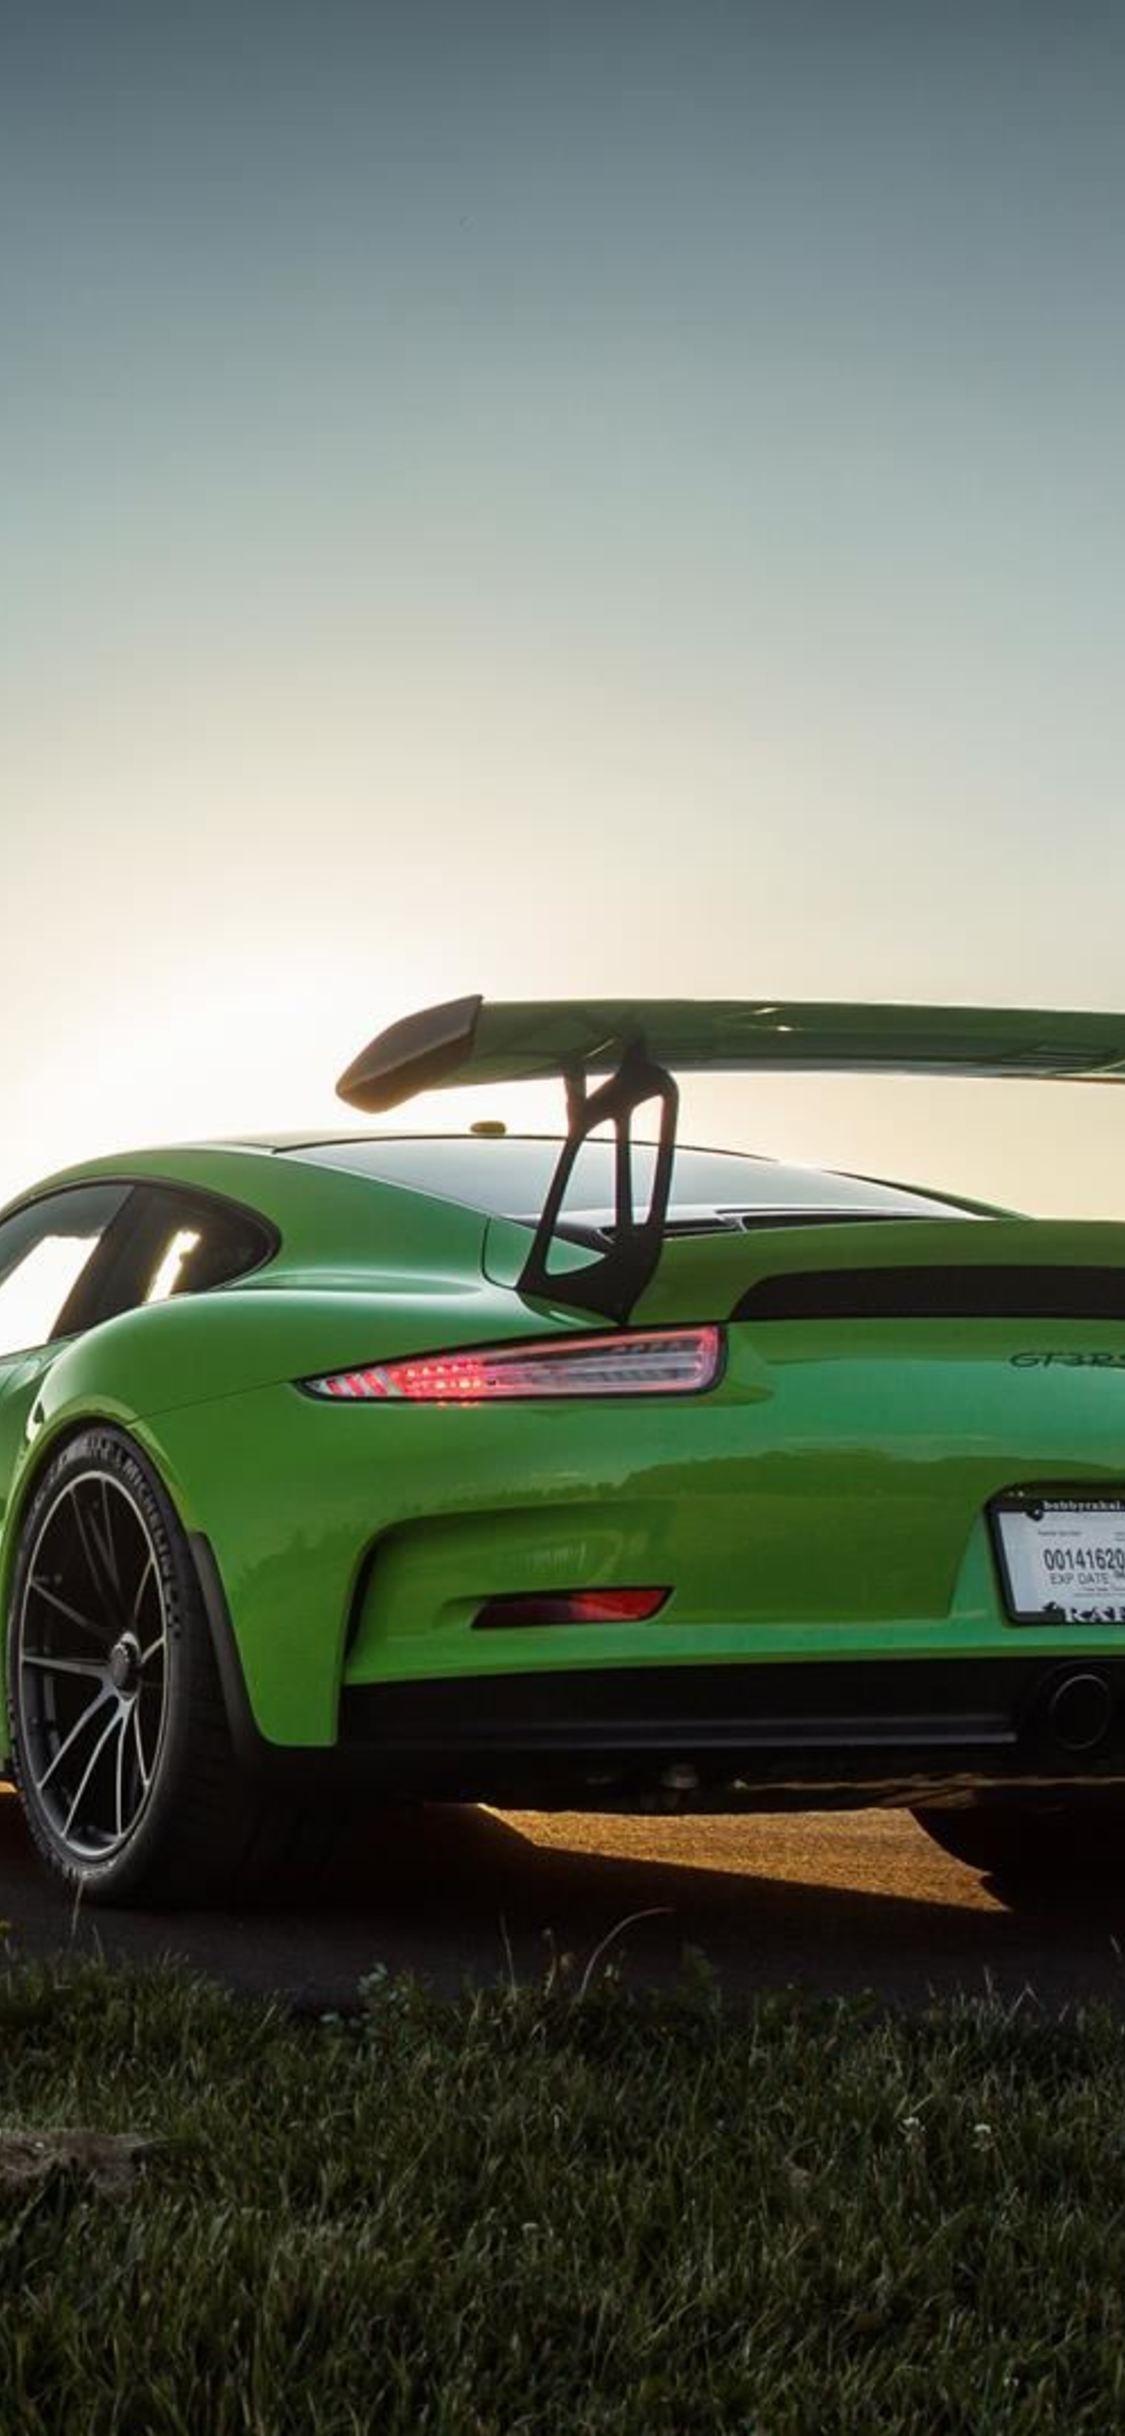 Porsche 911 Gt3 Wallpaper For Iphone 1125x2436 Download Hd Wallpaper Wallpapertip